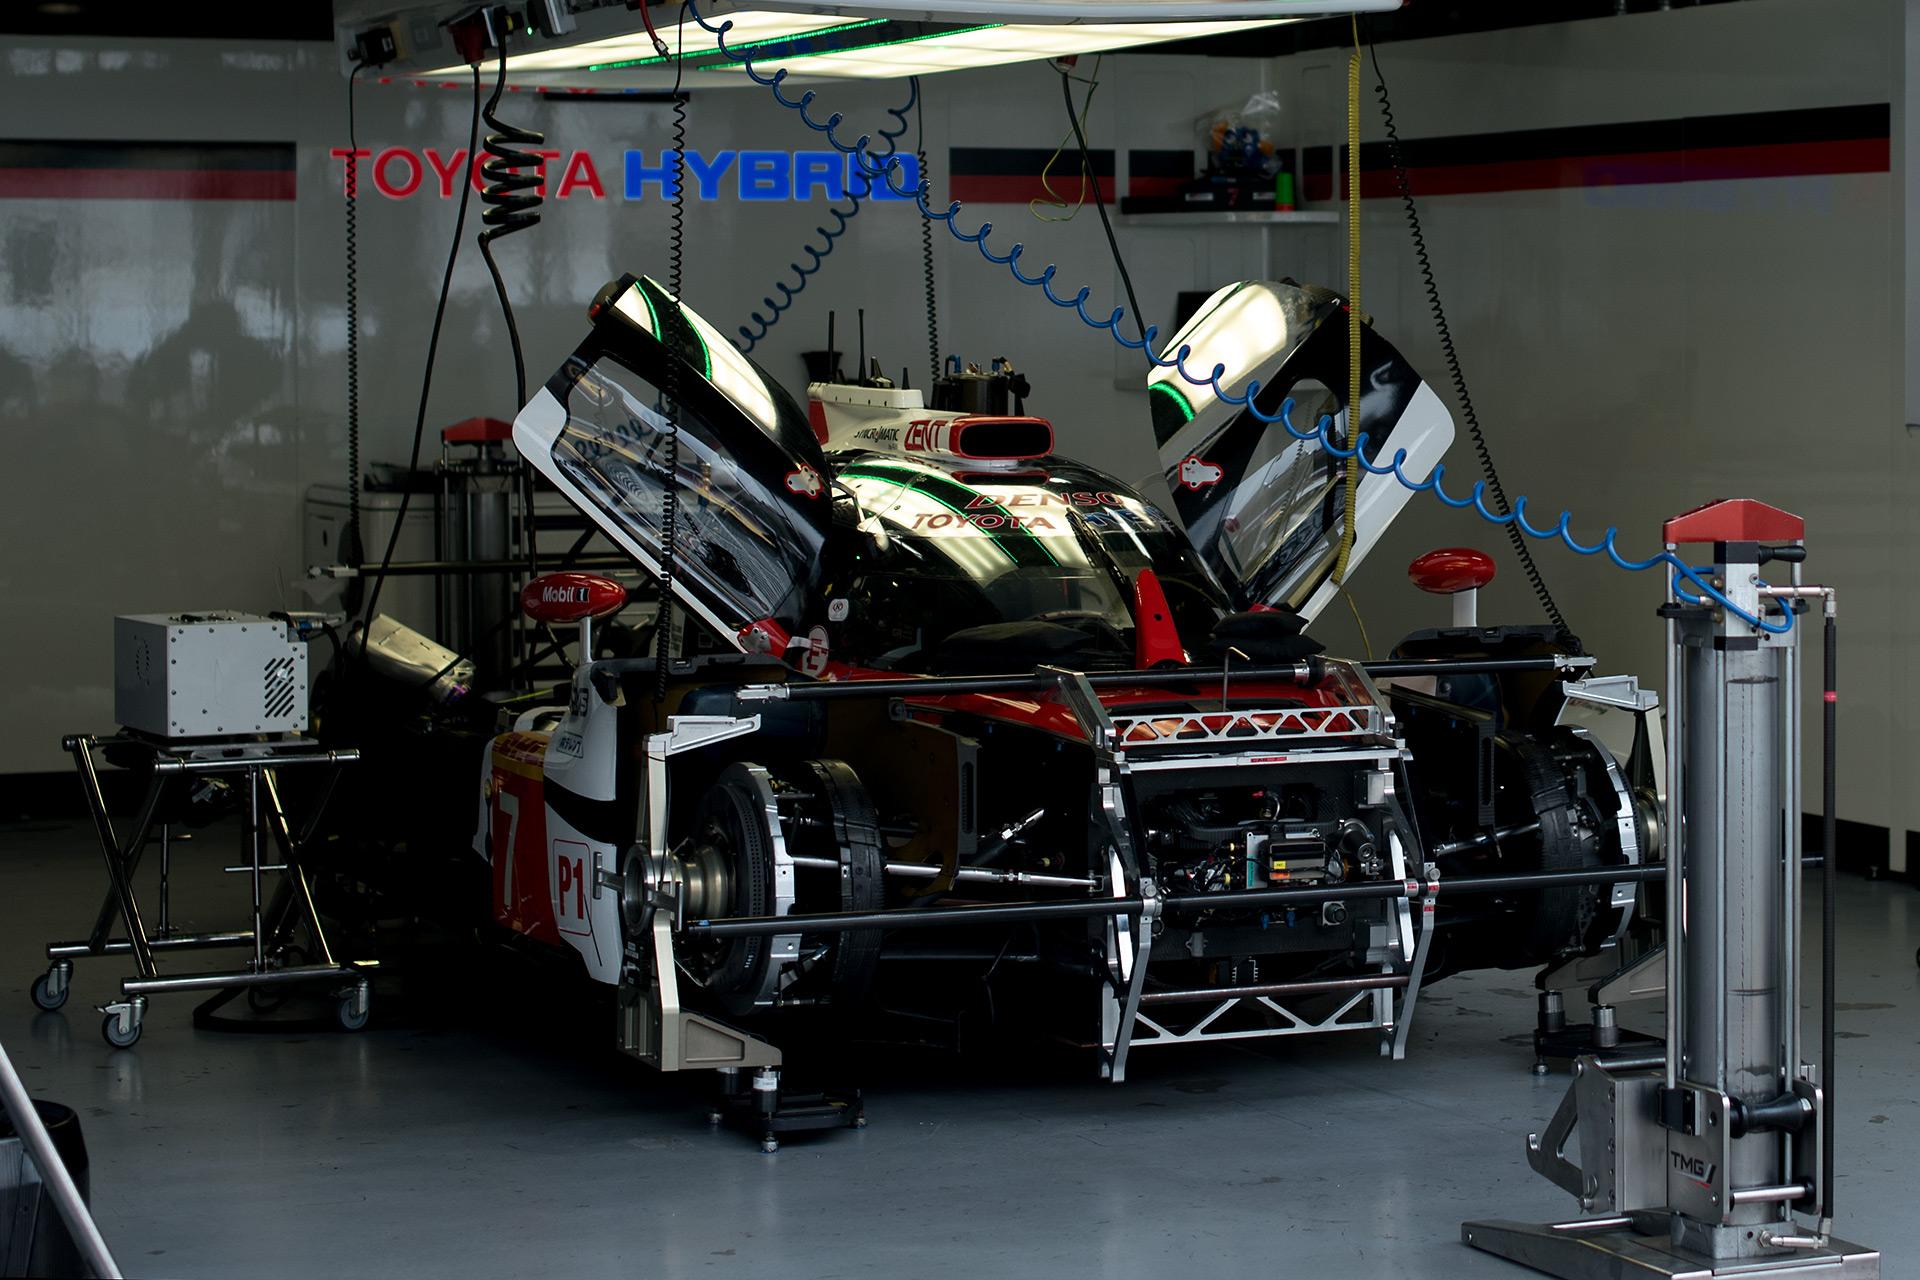 Le Mans24 もうすぐ決勝スタートです